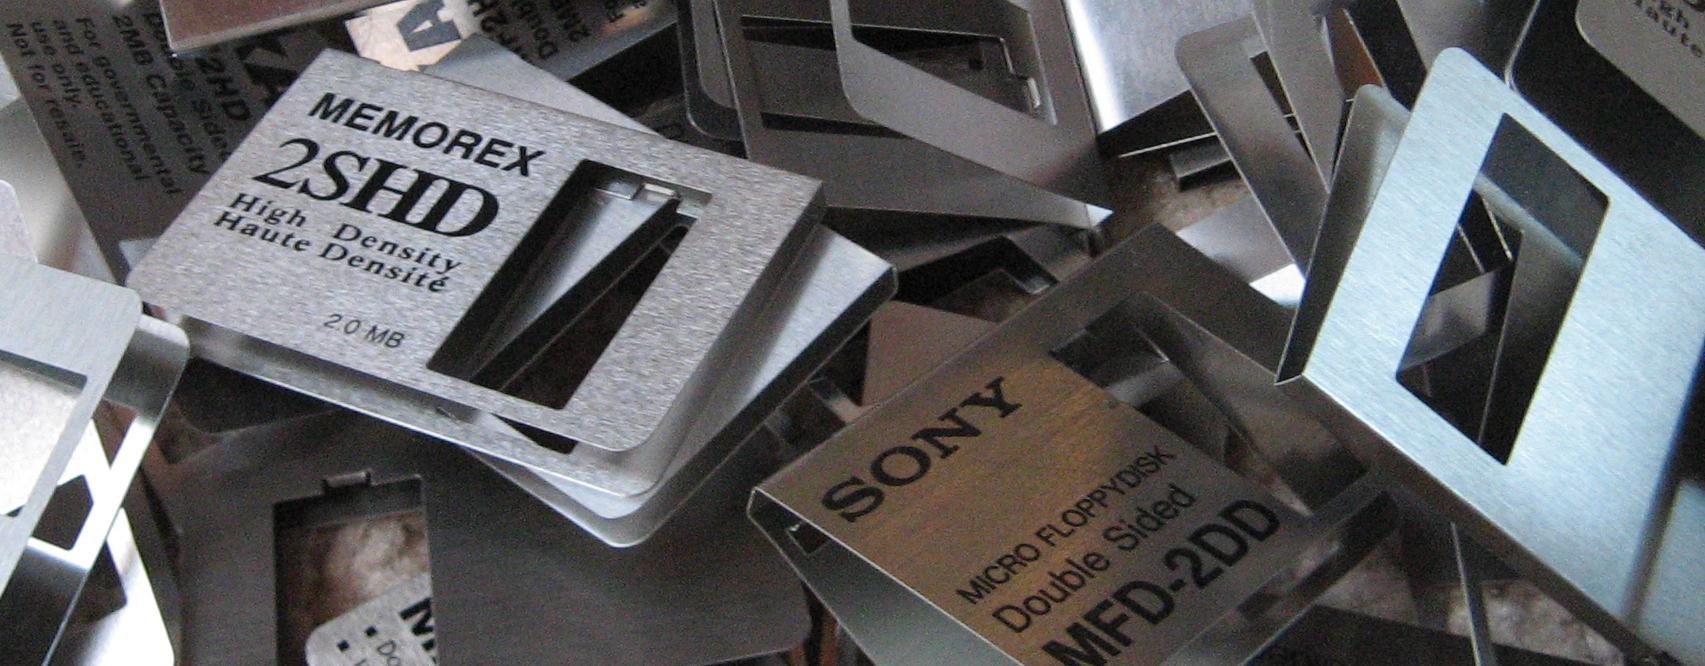 Floppy shutters detail